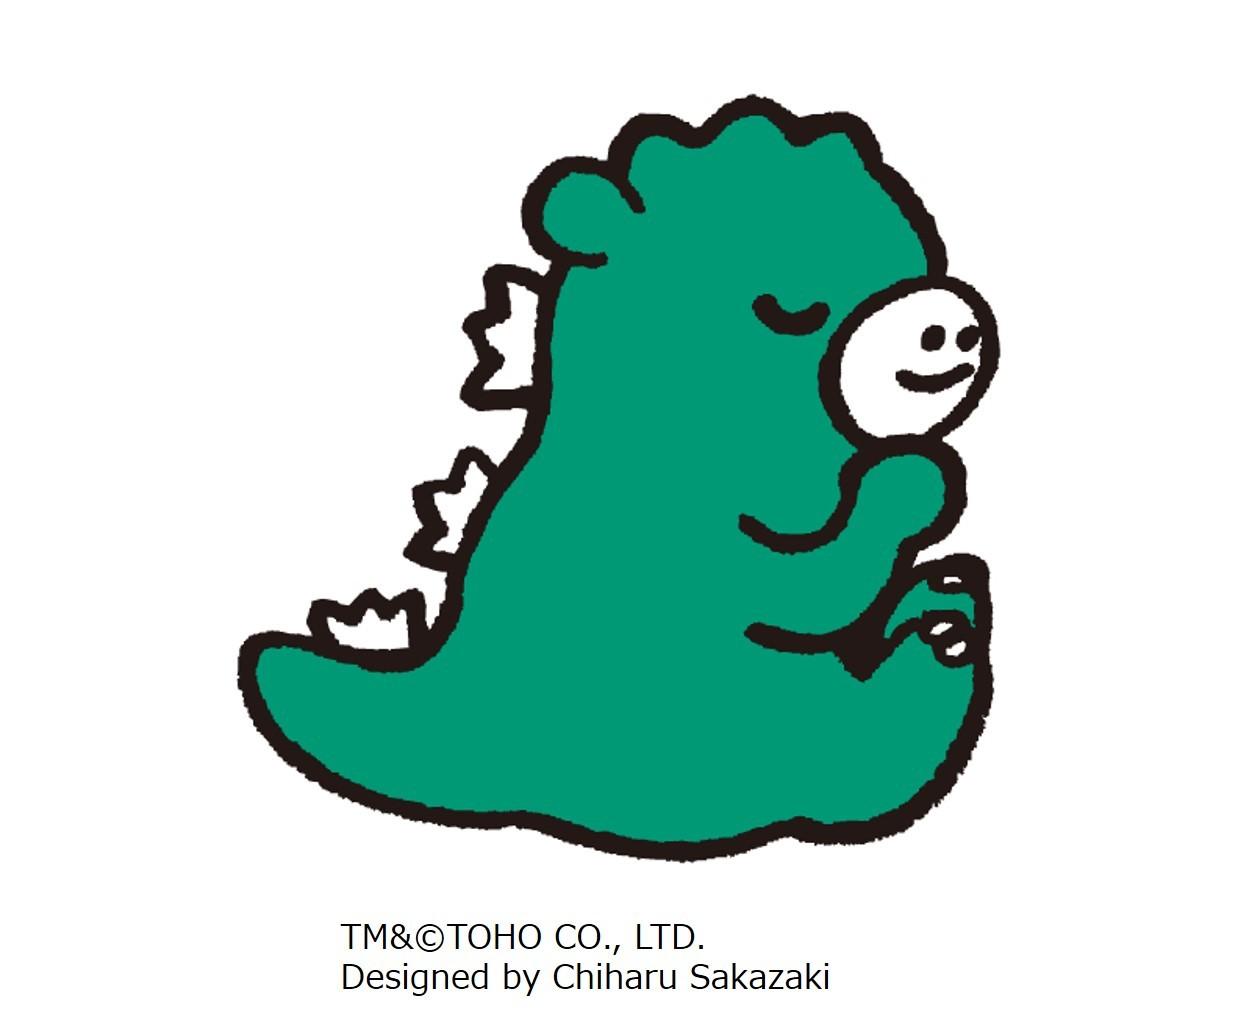 TM&(C)TOHO CO., LTD. Designed by Chiharu Sakazaki